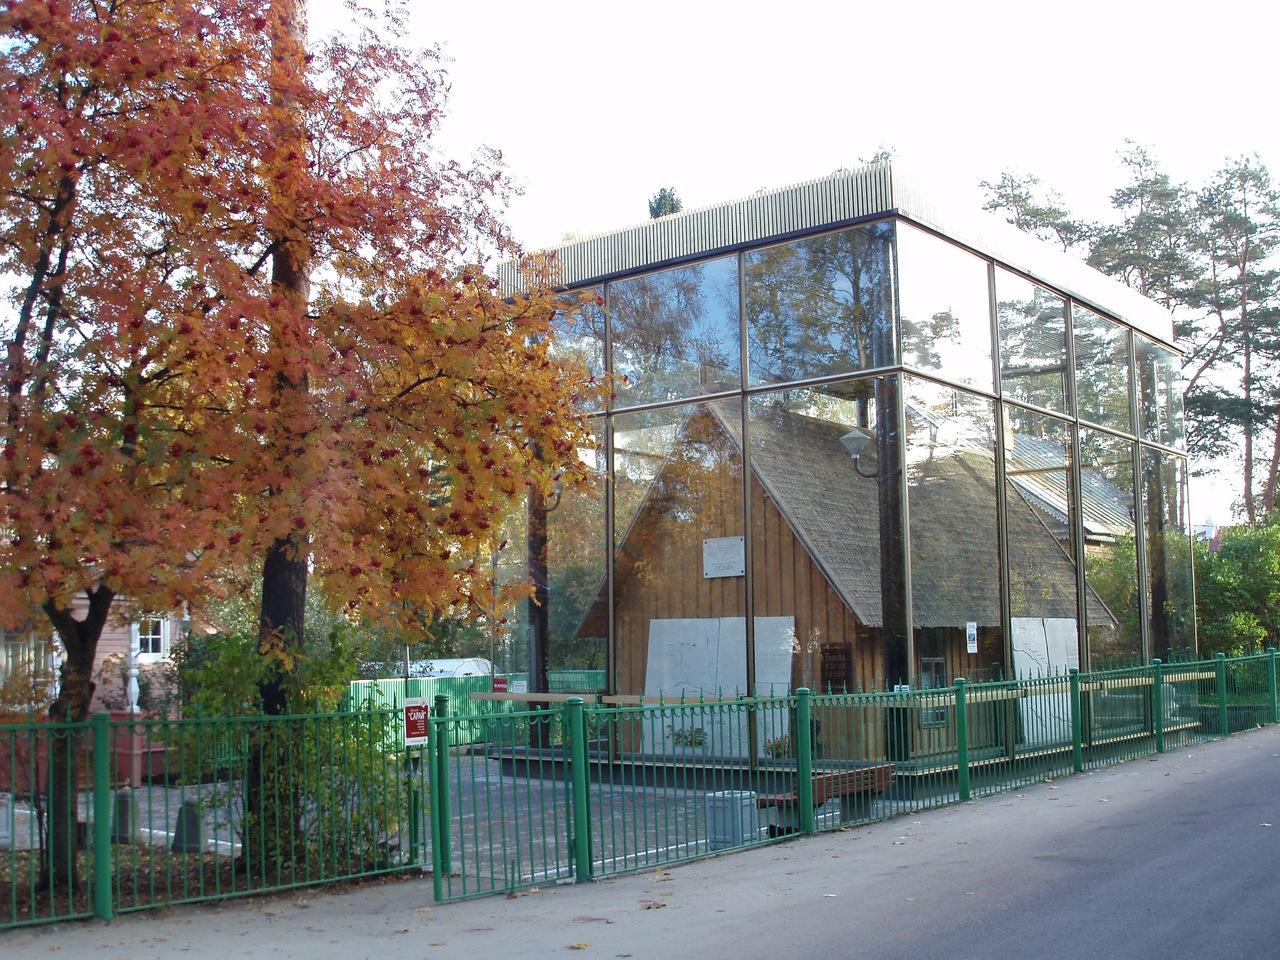 «Историко-культурный музейный комплекс в Разливе», рассказывающих историю места, где в июле-августе 1917 года скрывался В.В. Ленин.